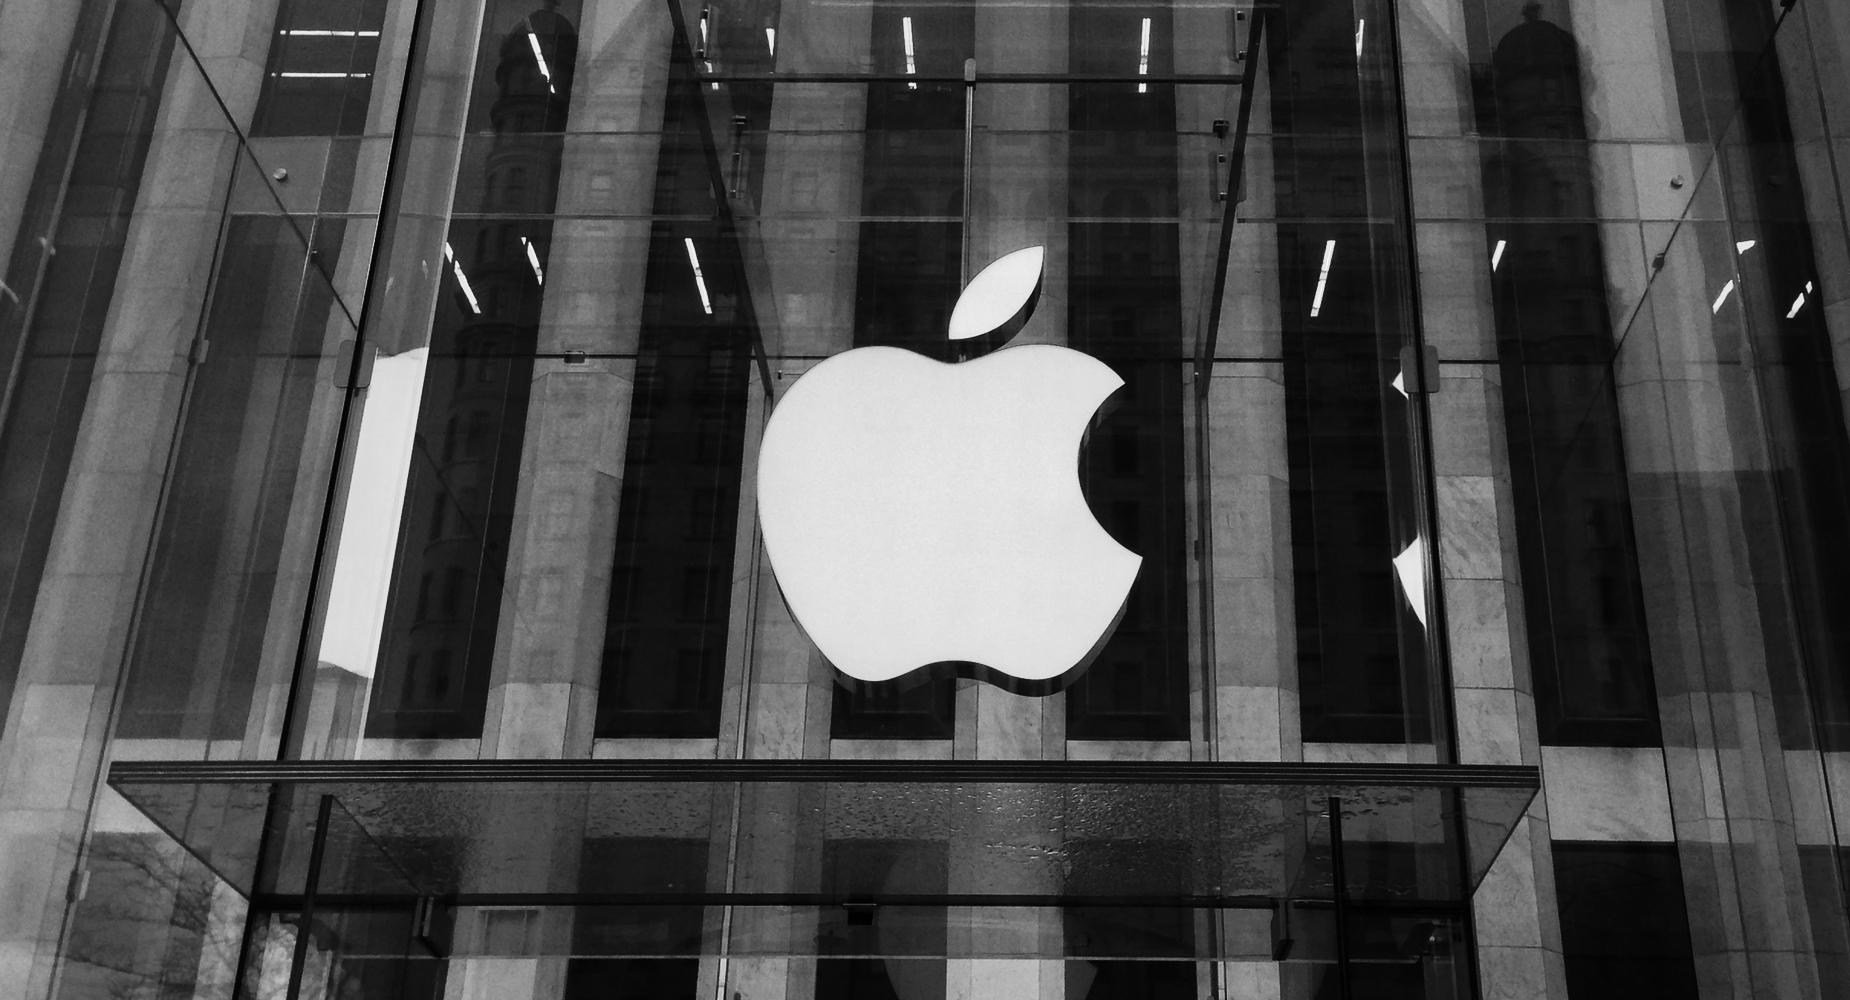 Apple inwestuje w Europie 1,7 miliarda Euro